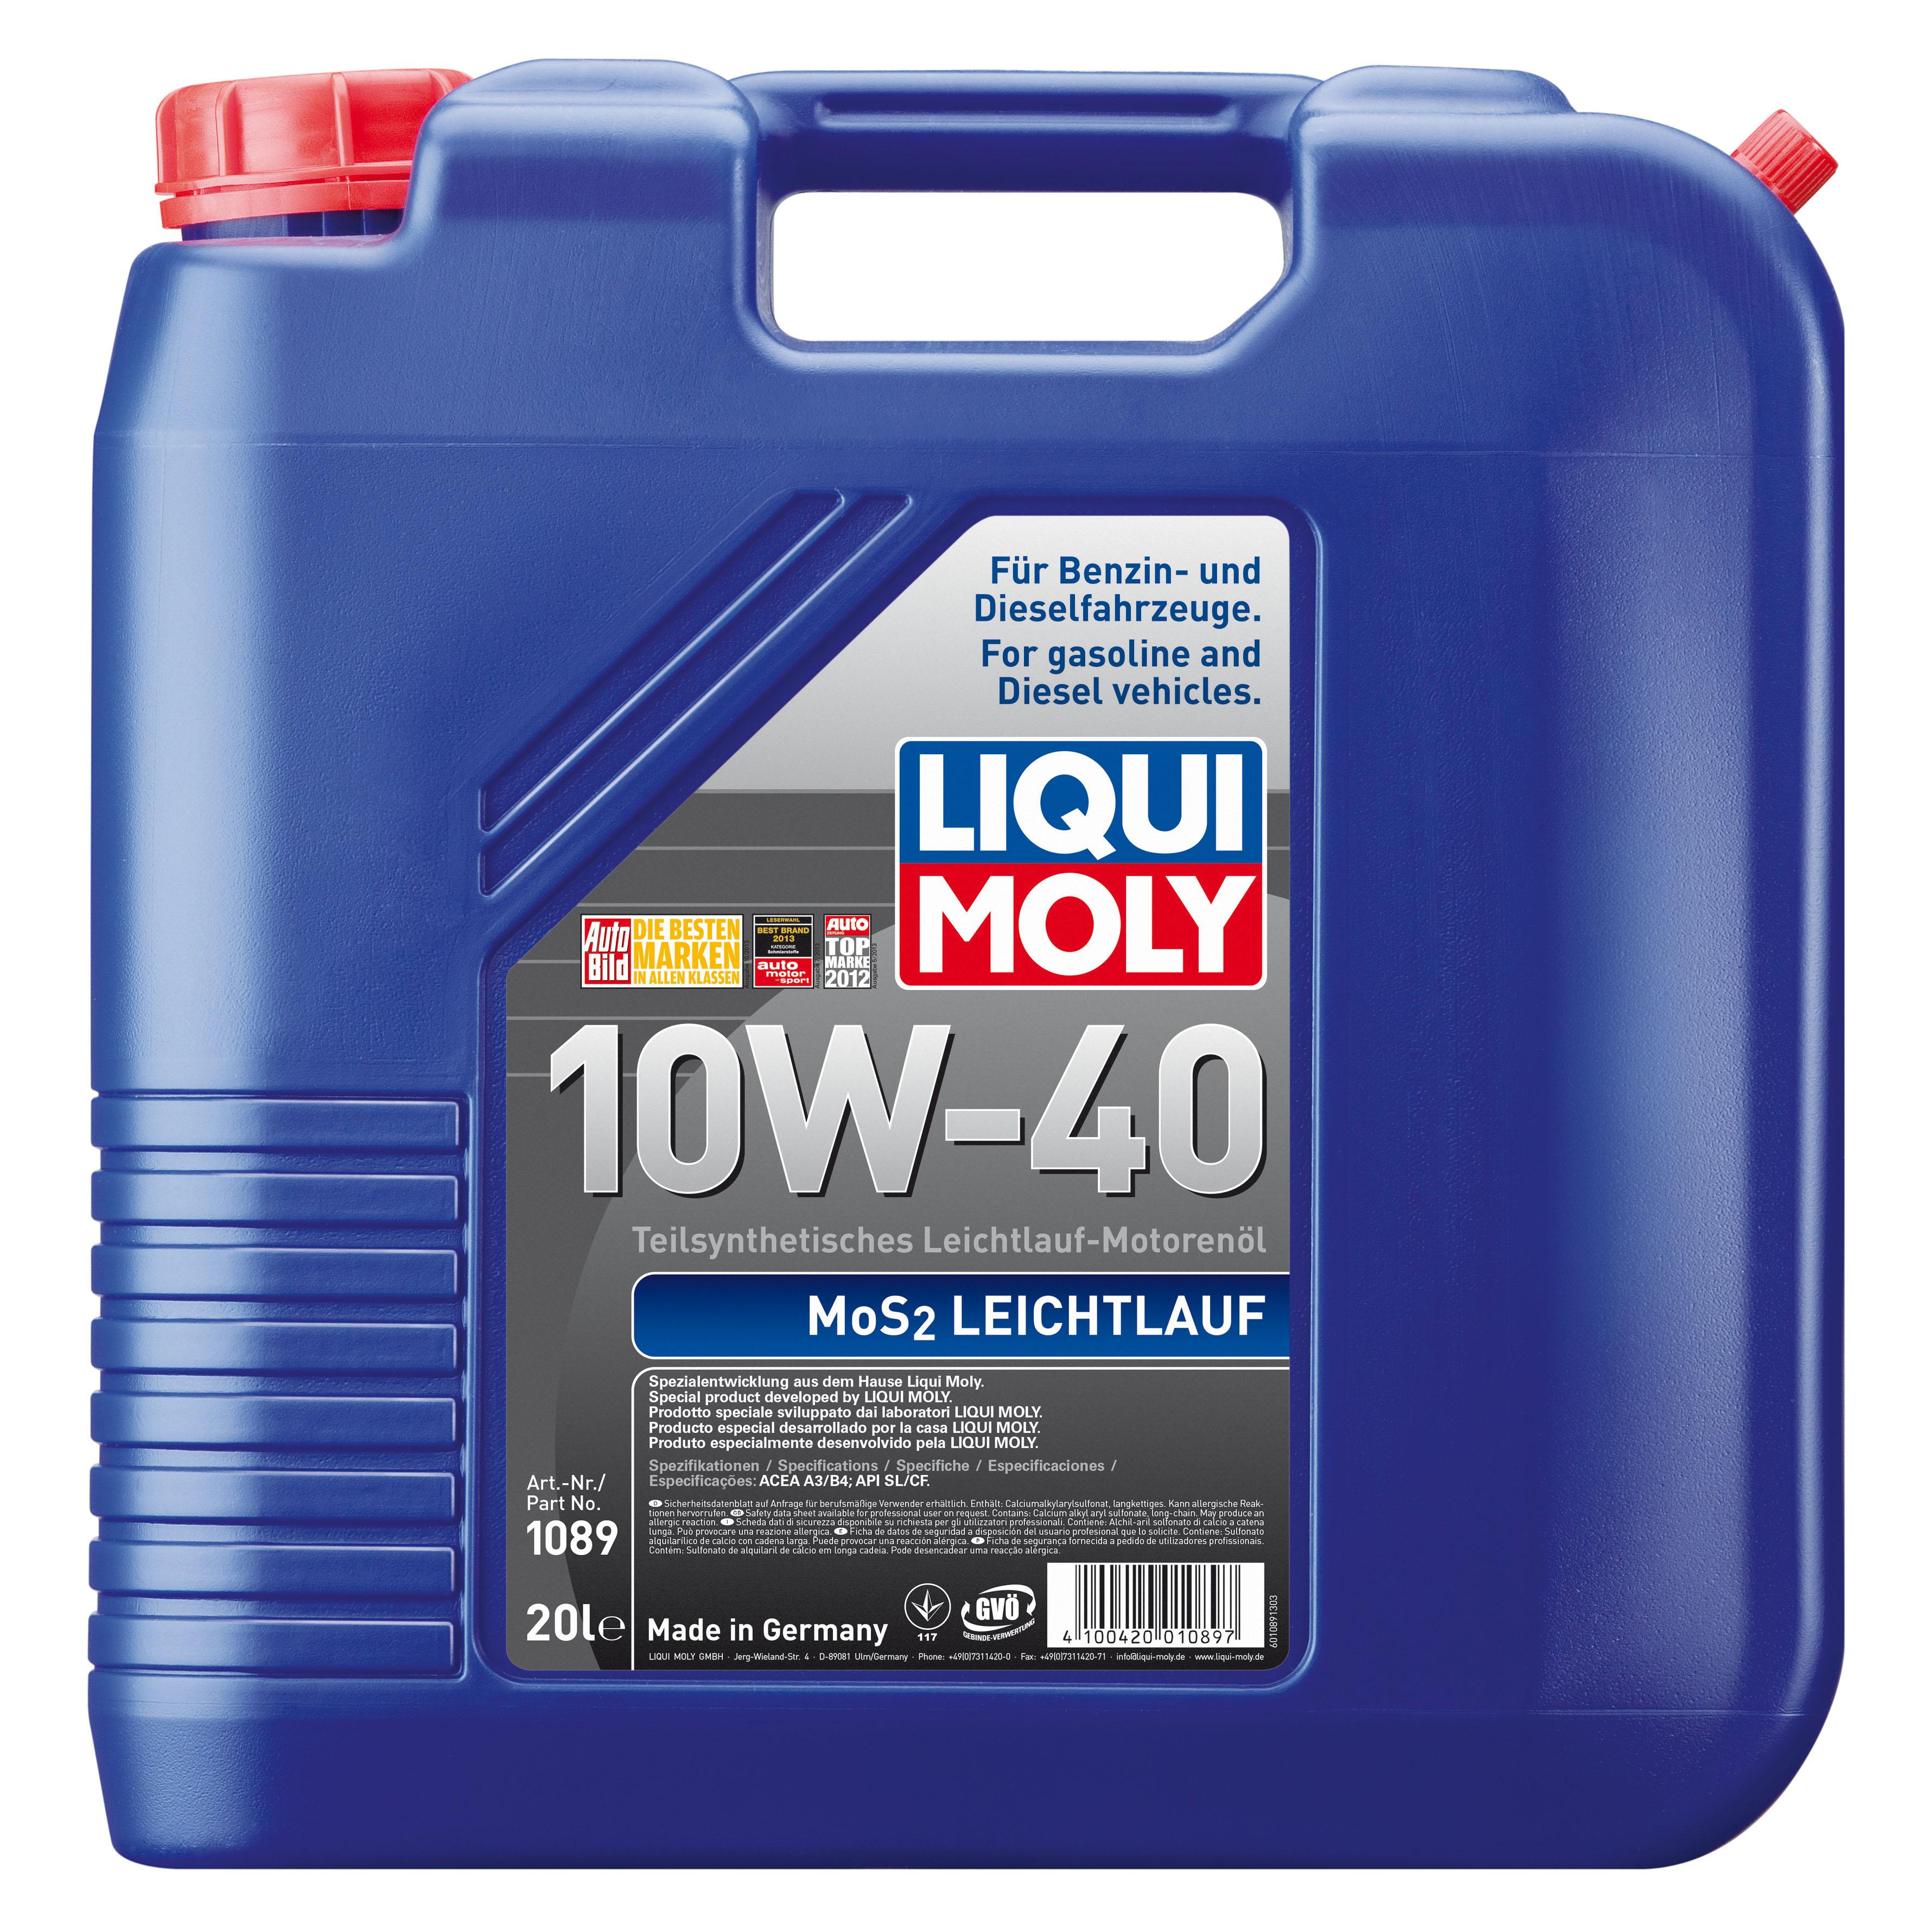 ULEI MOTOR LIQUI MOLY 1089 MOS2 LEICHTLAUF 10W40 20L